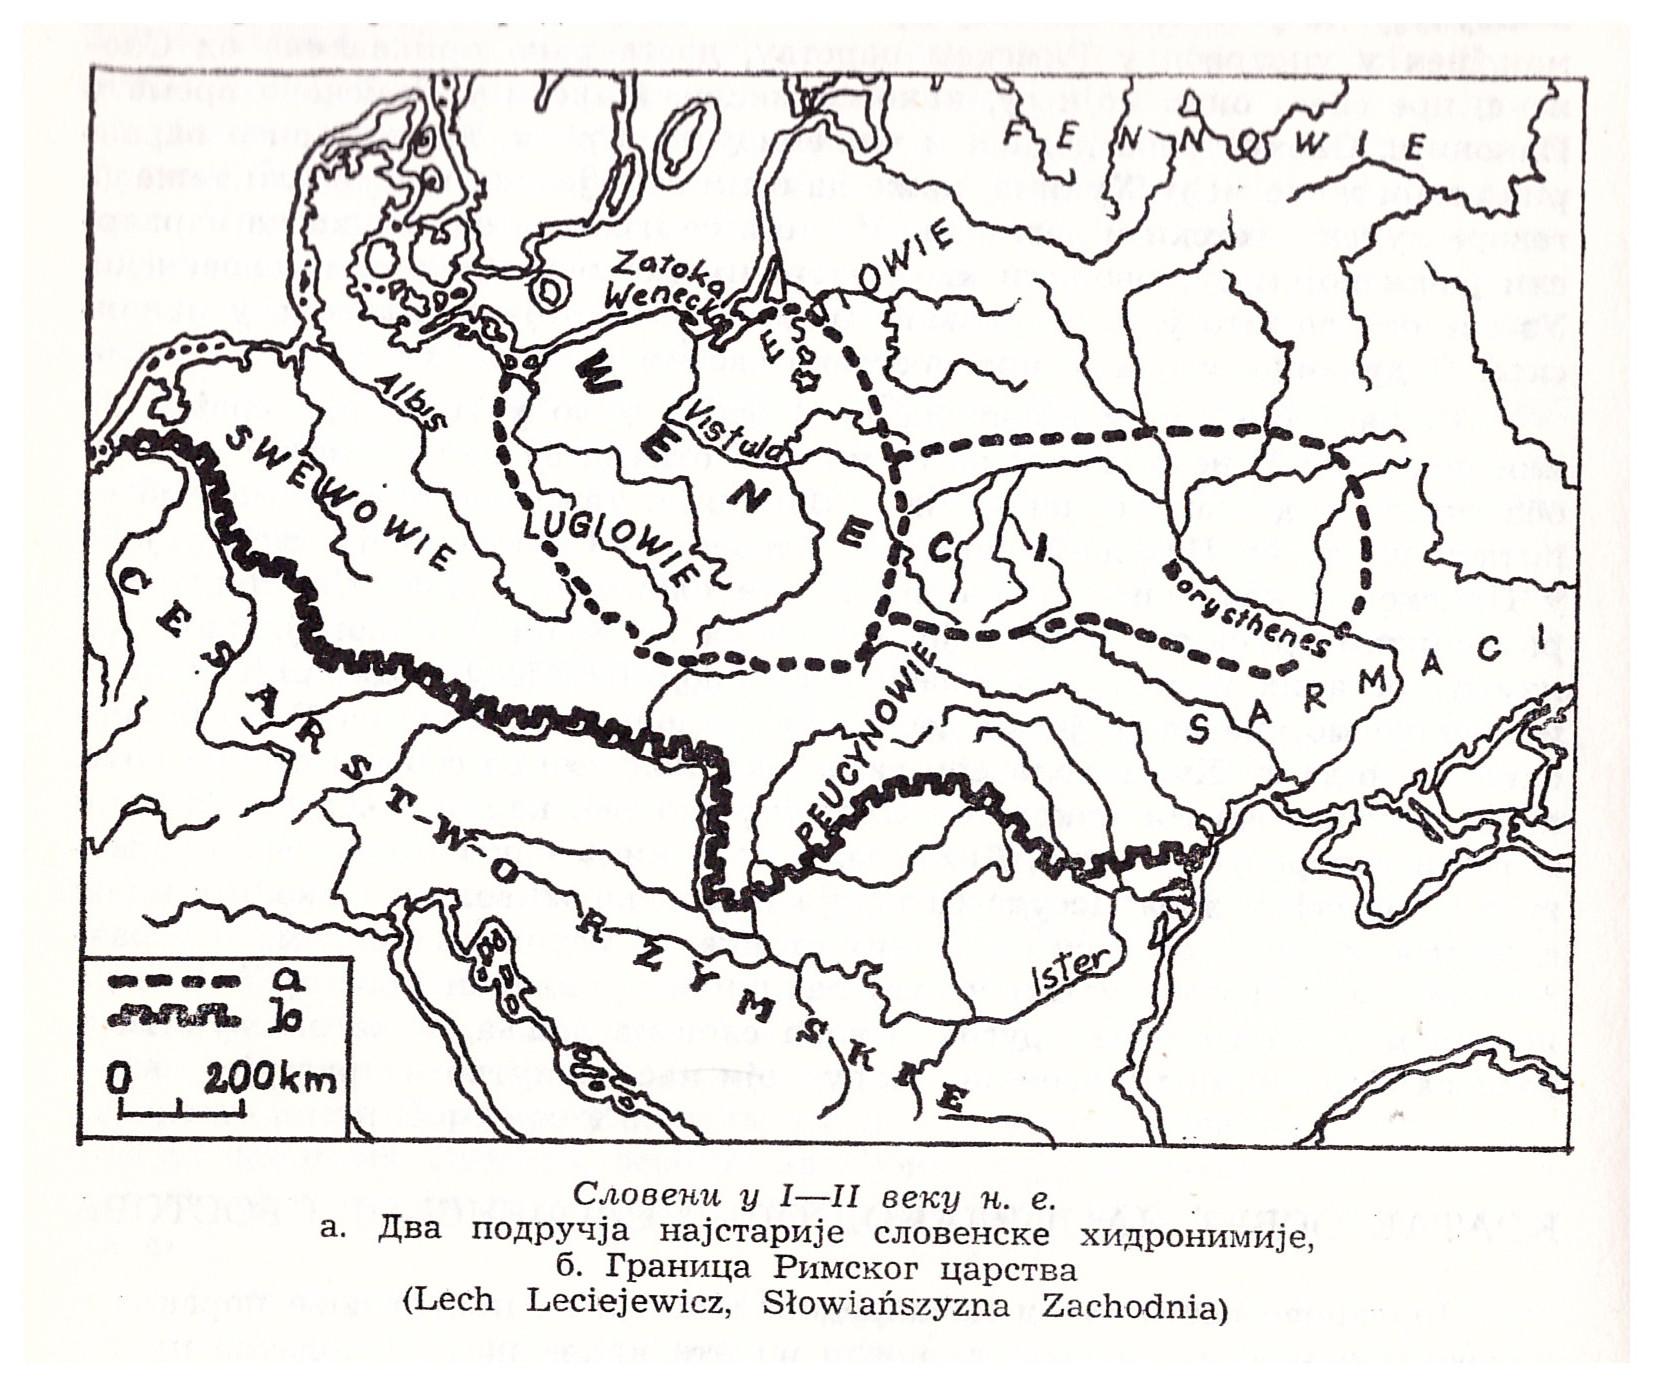 Карта распореда Венда, Свева и суседних народа у I и II веку Леха Лехјевича